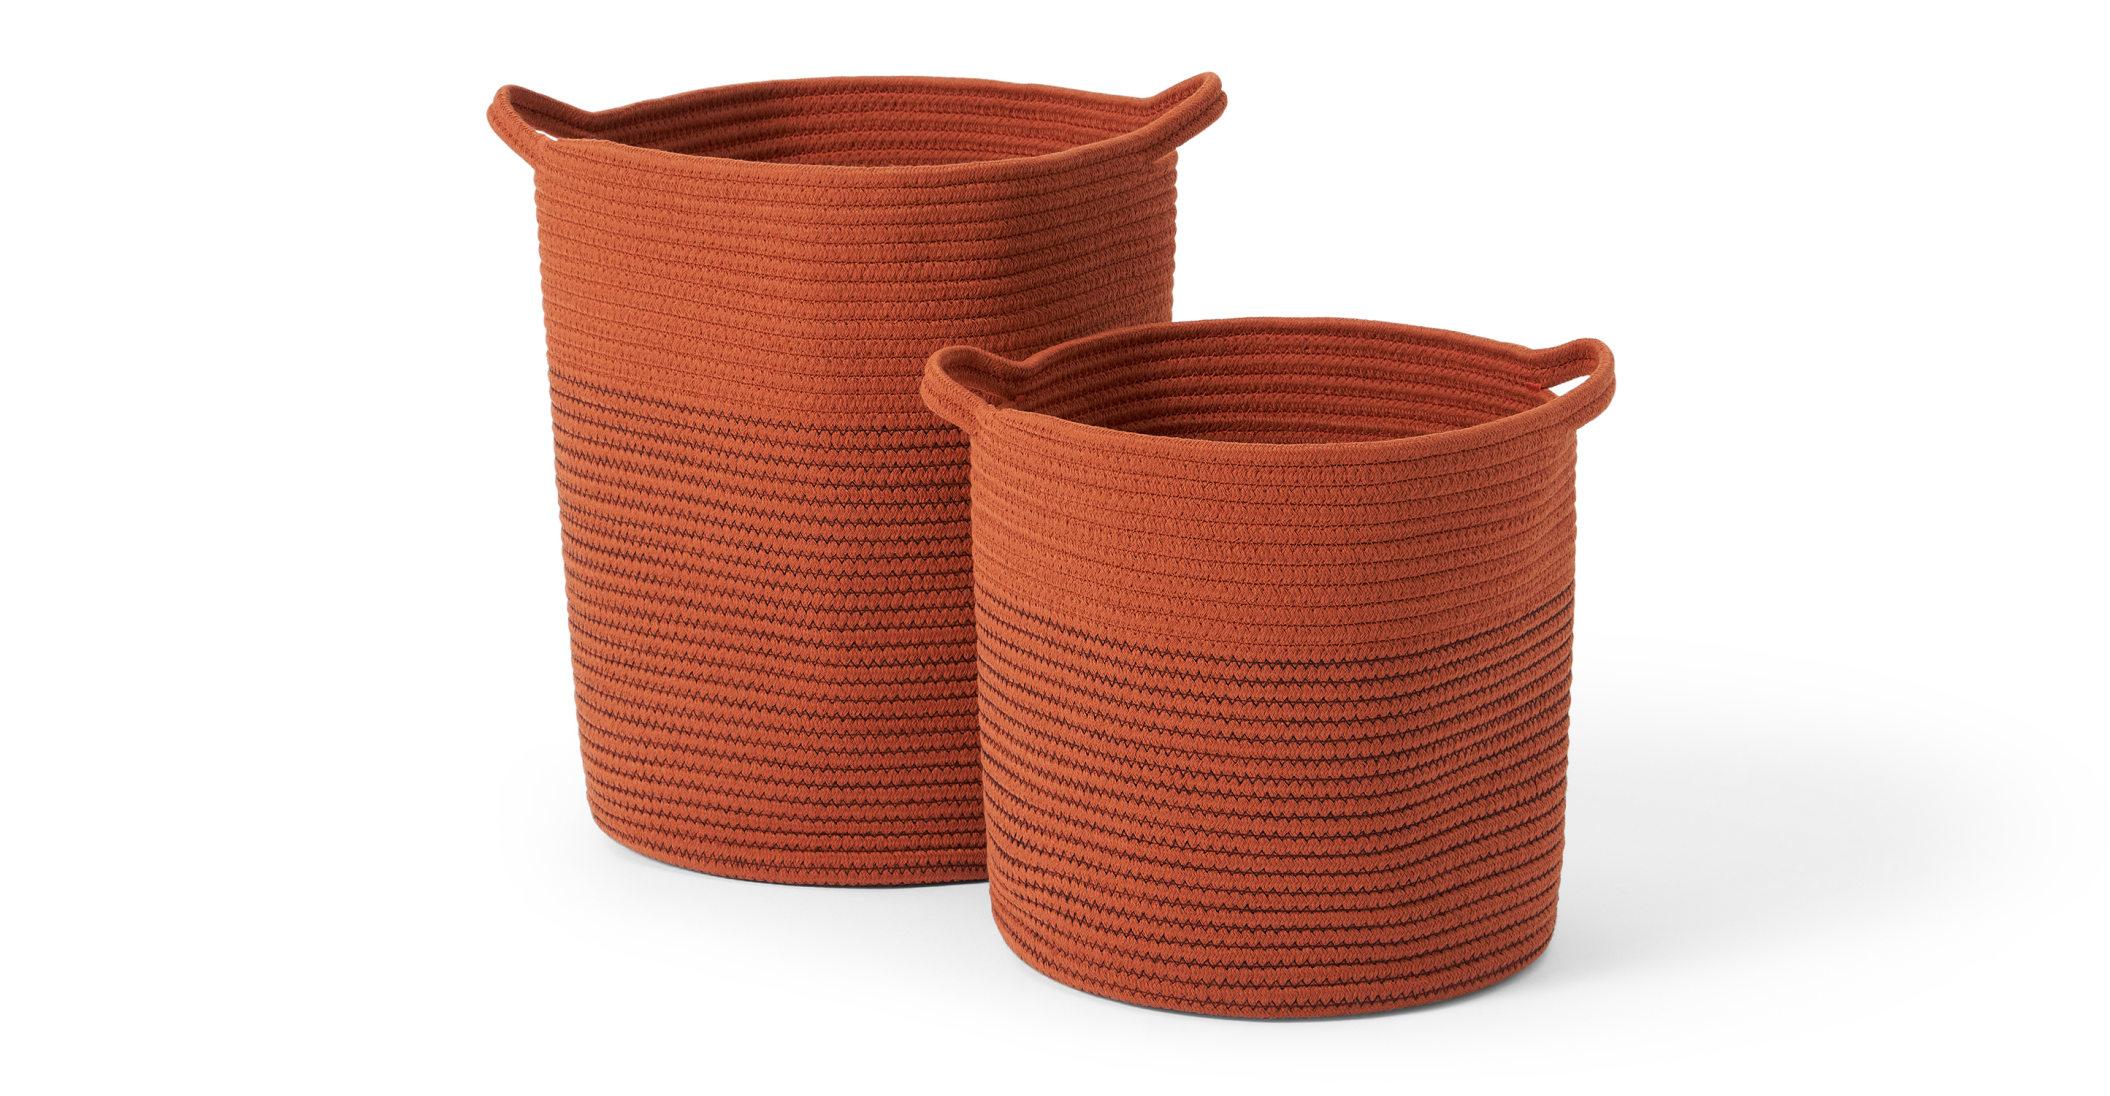 Juego de 2 cestas grandes con asas Toro, naranja tostado